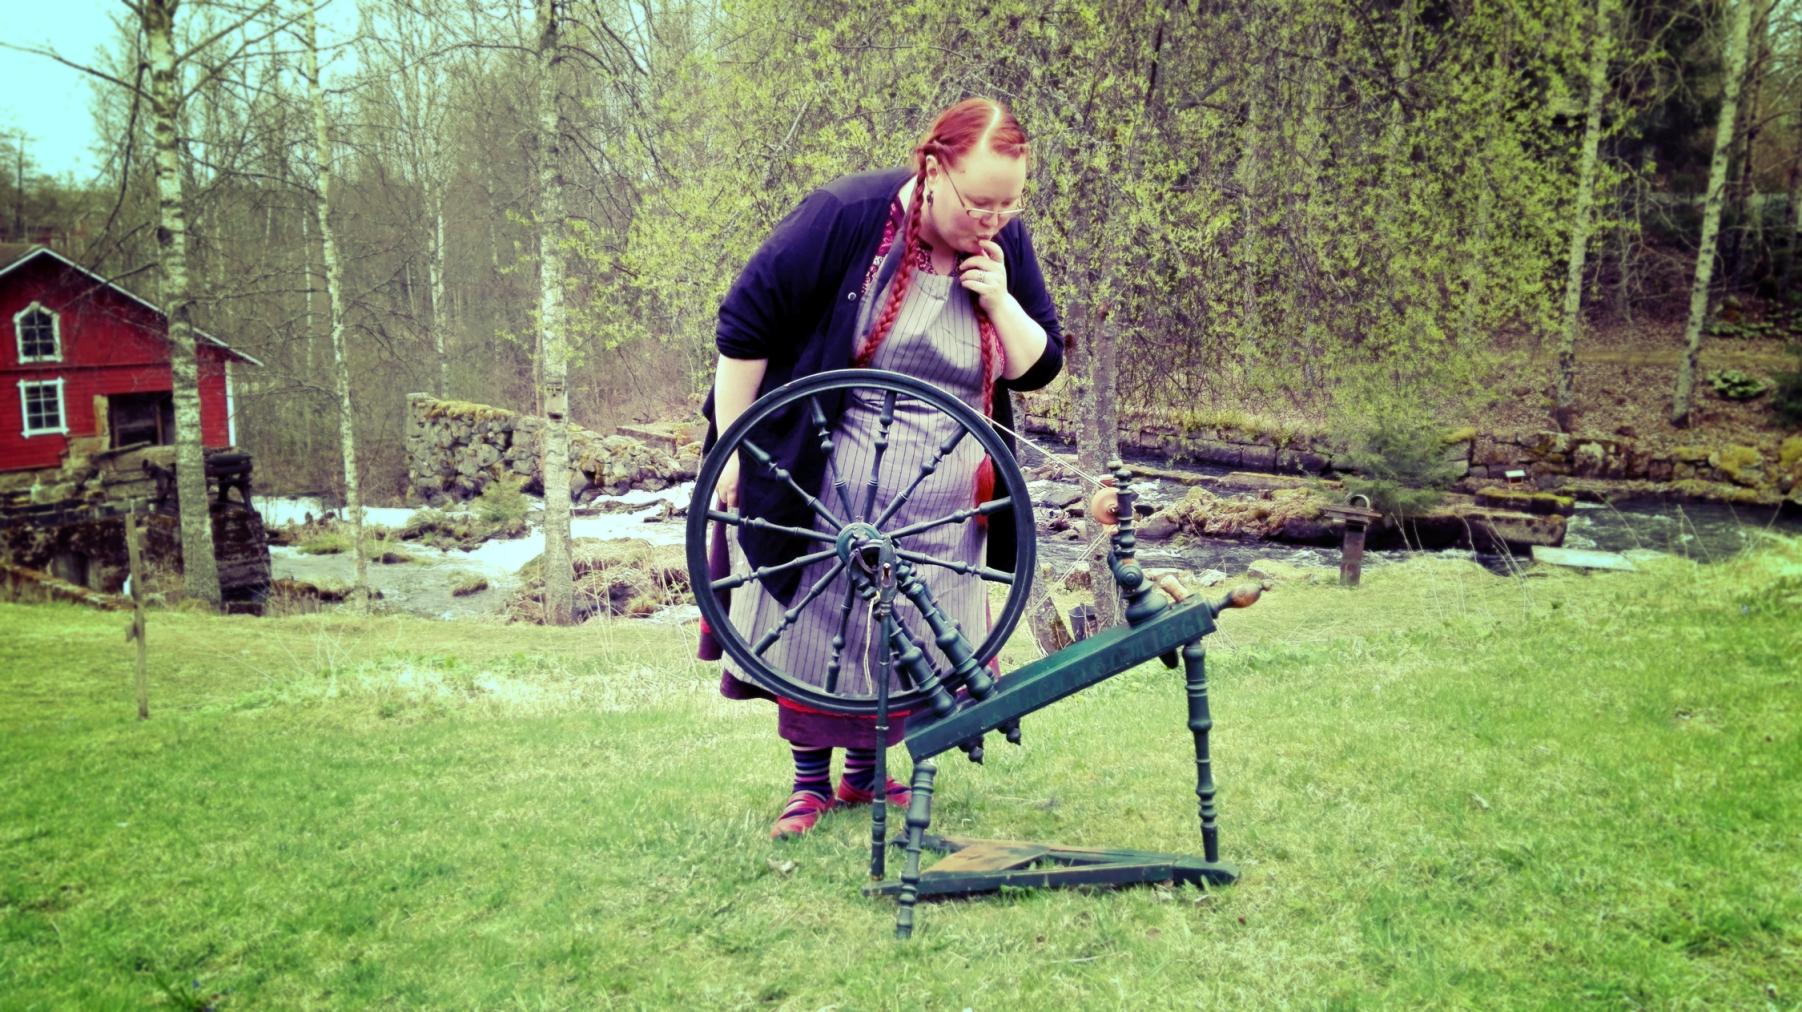 Laura Hämäri tulee helsinkiläiselle Kutomo Craft Studiolle opettamaan käsityökursseja.